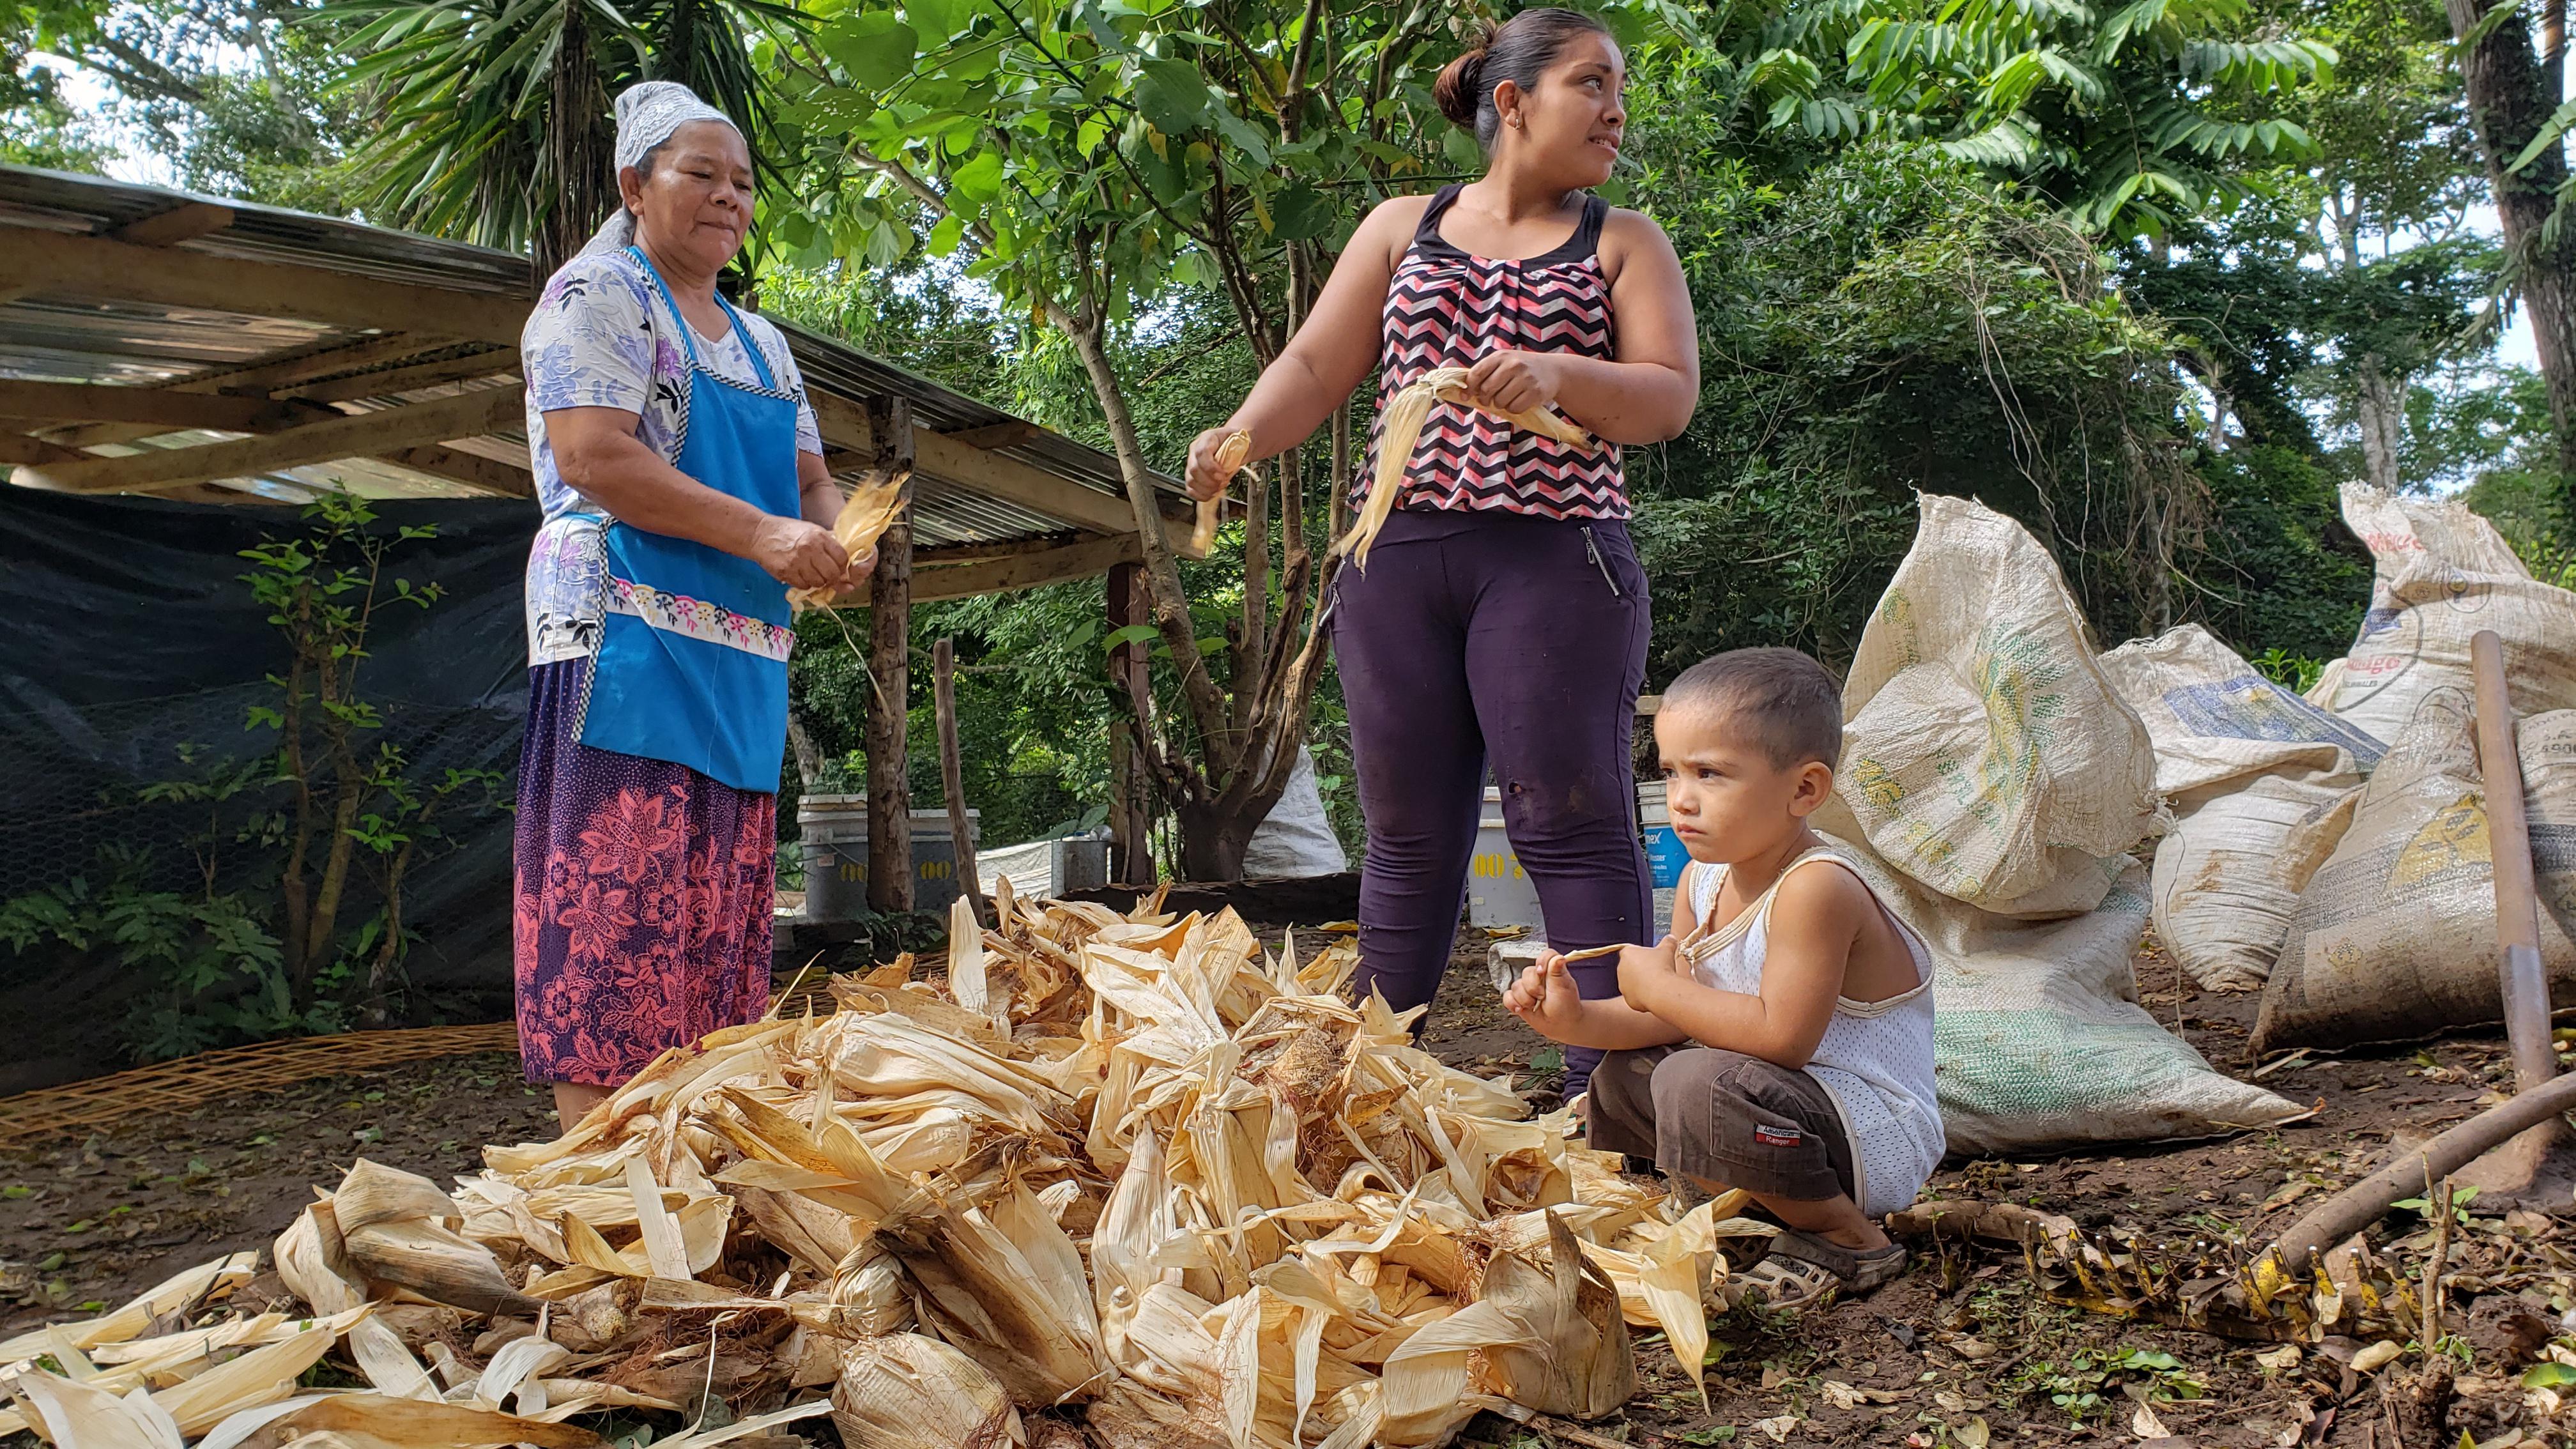 Les paysannes et les paysans participant à la coopérative Canasta Campesina voient leur niveau de vie s'améliorer.